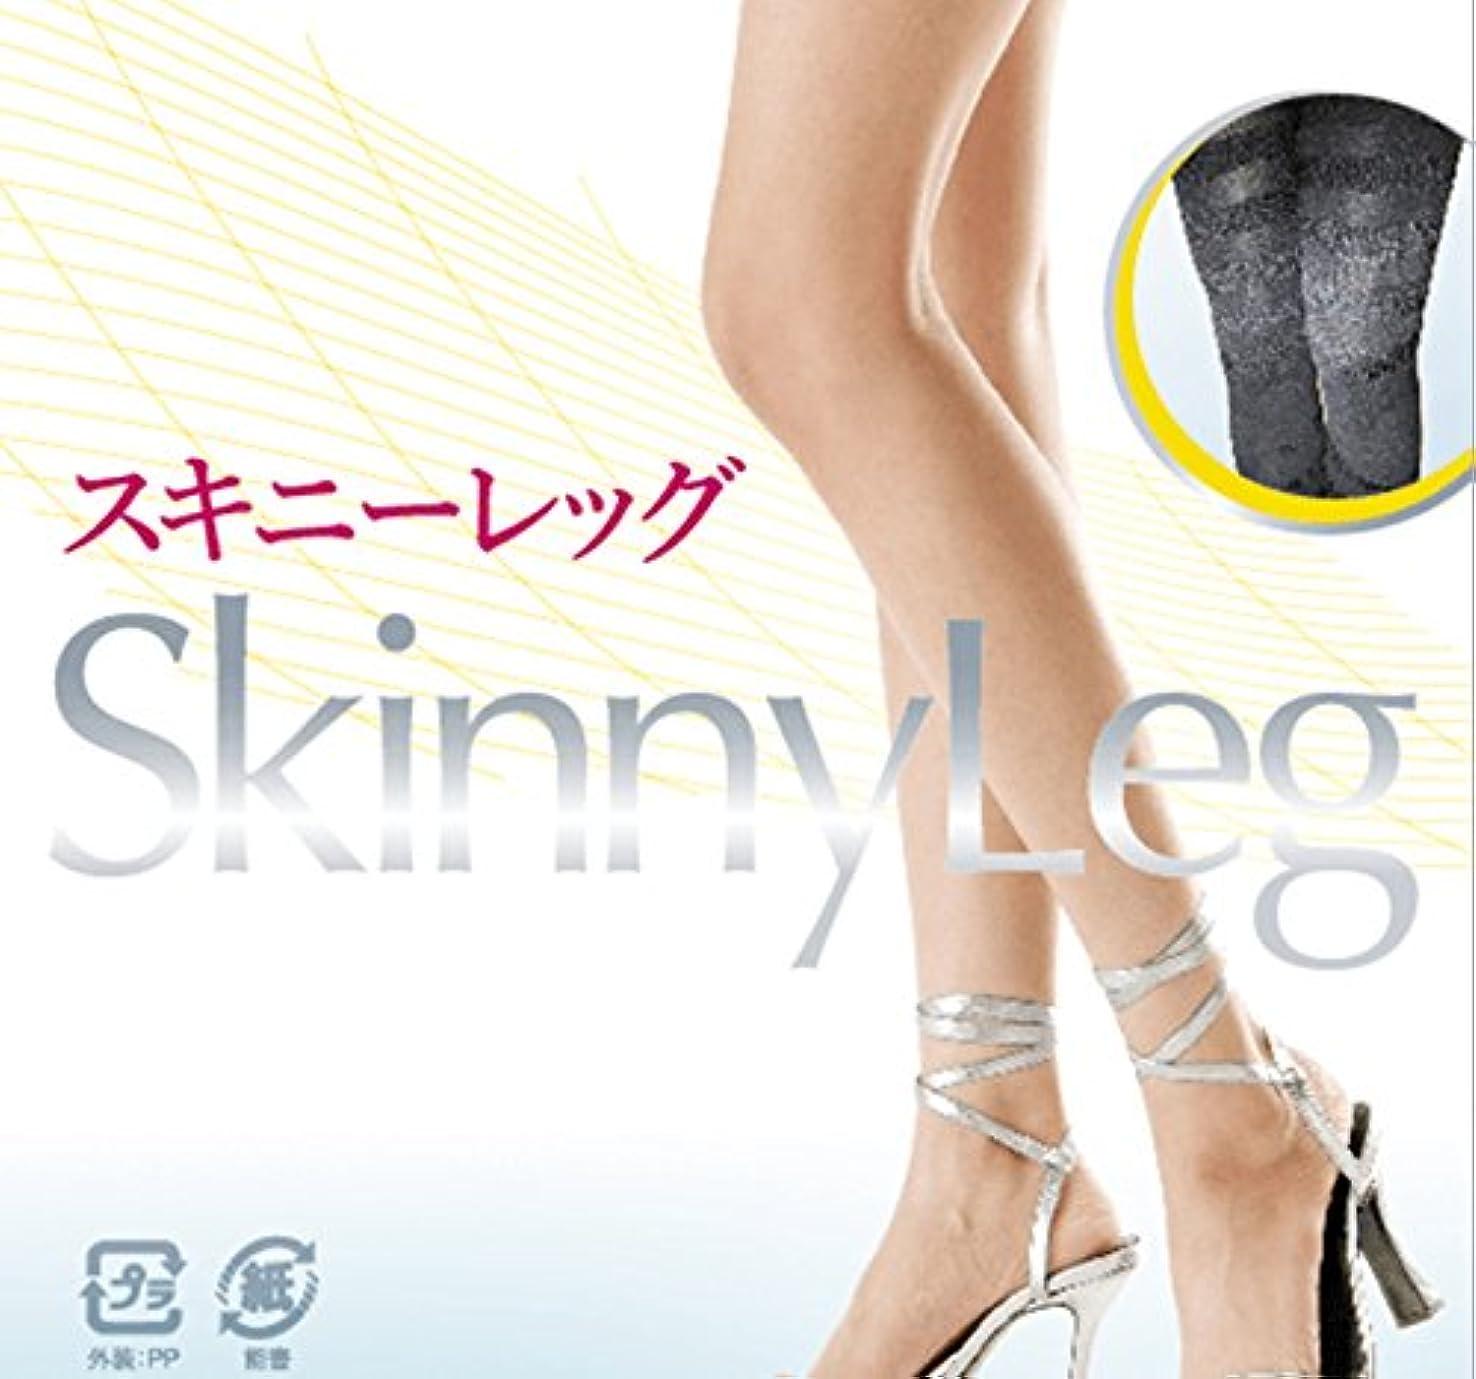 こだわり人形空虚SkinnyLeg -スキニーレッグ-